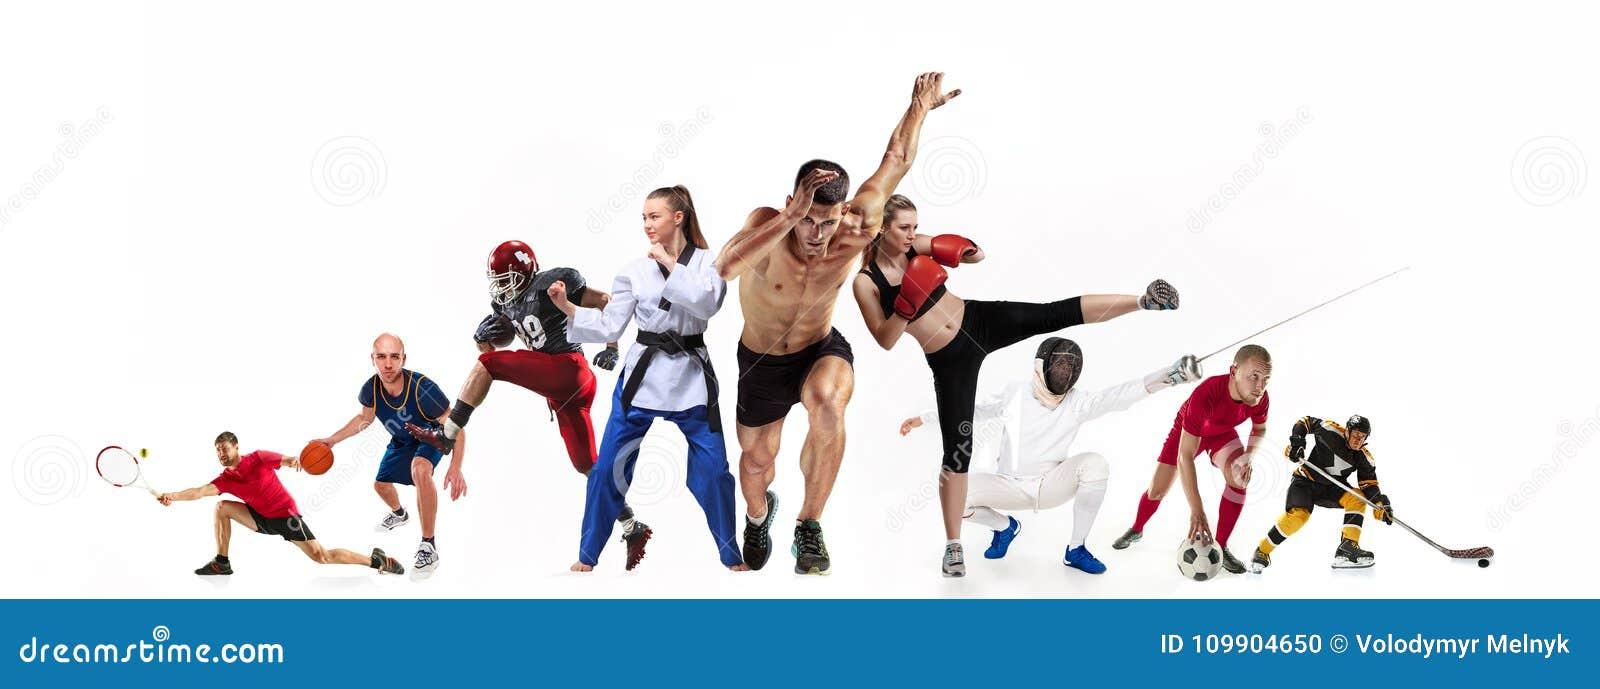 炫耀关于拳击,足球,橄榄球,篮球,冰球,操刀,跑步,跆拳道,网球的拼贴画